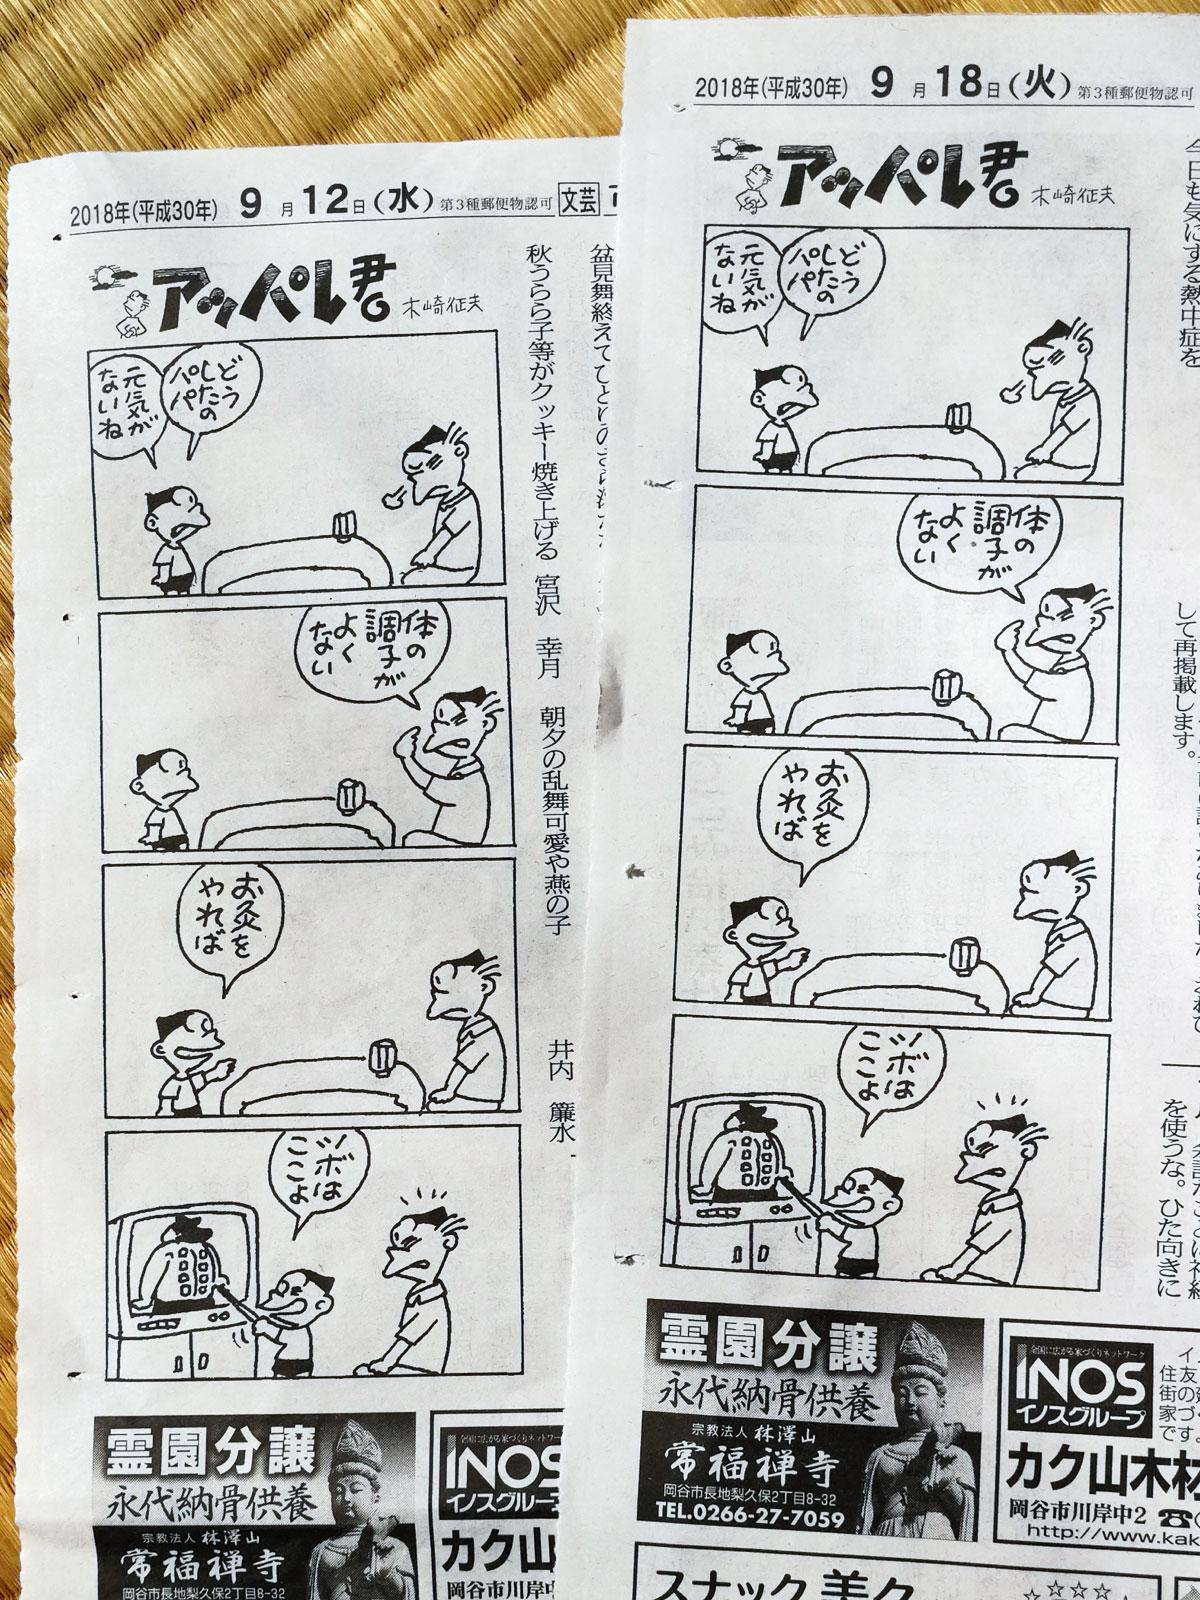 岡谷市民新聞の4コマ漫画